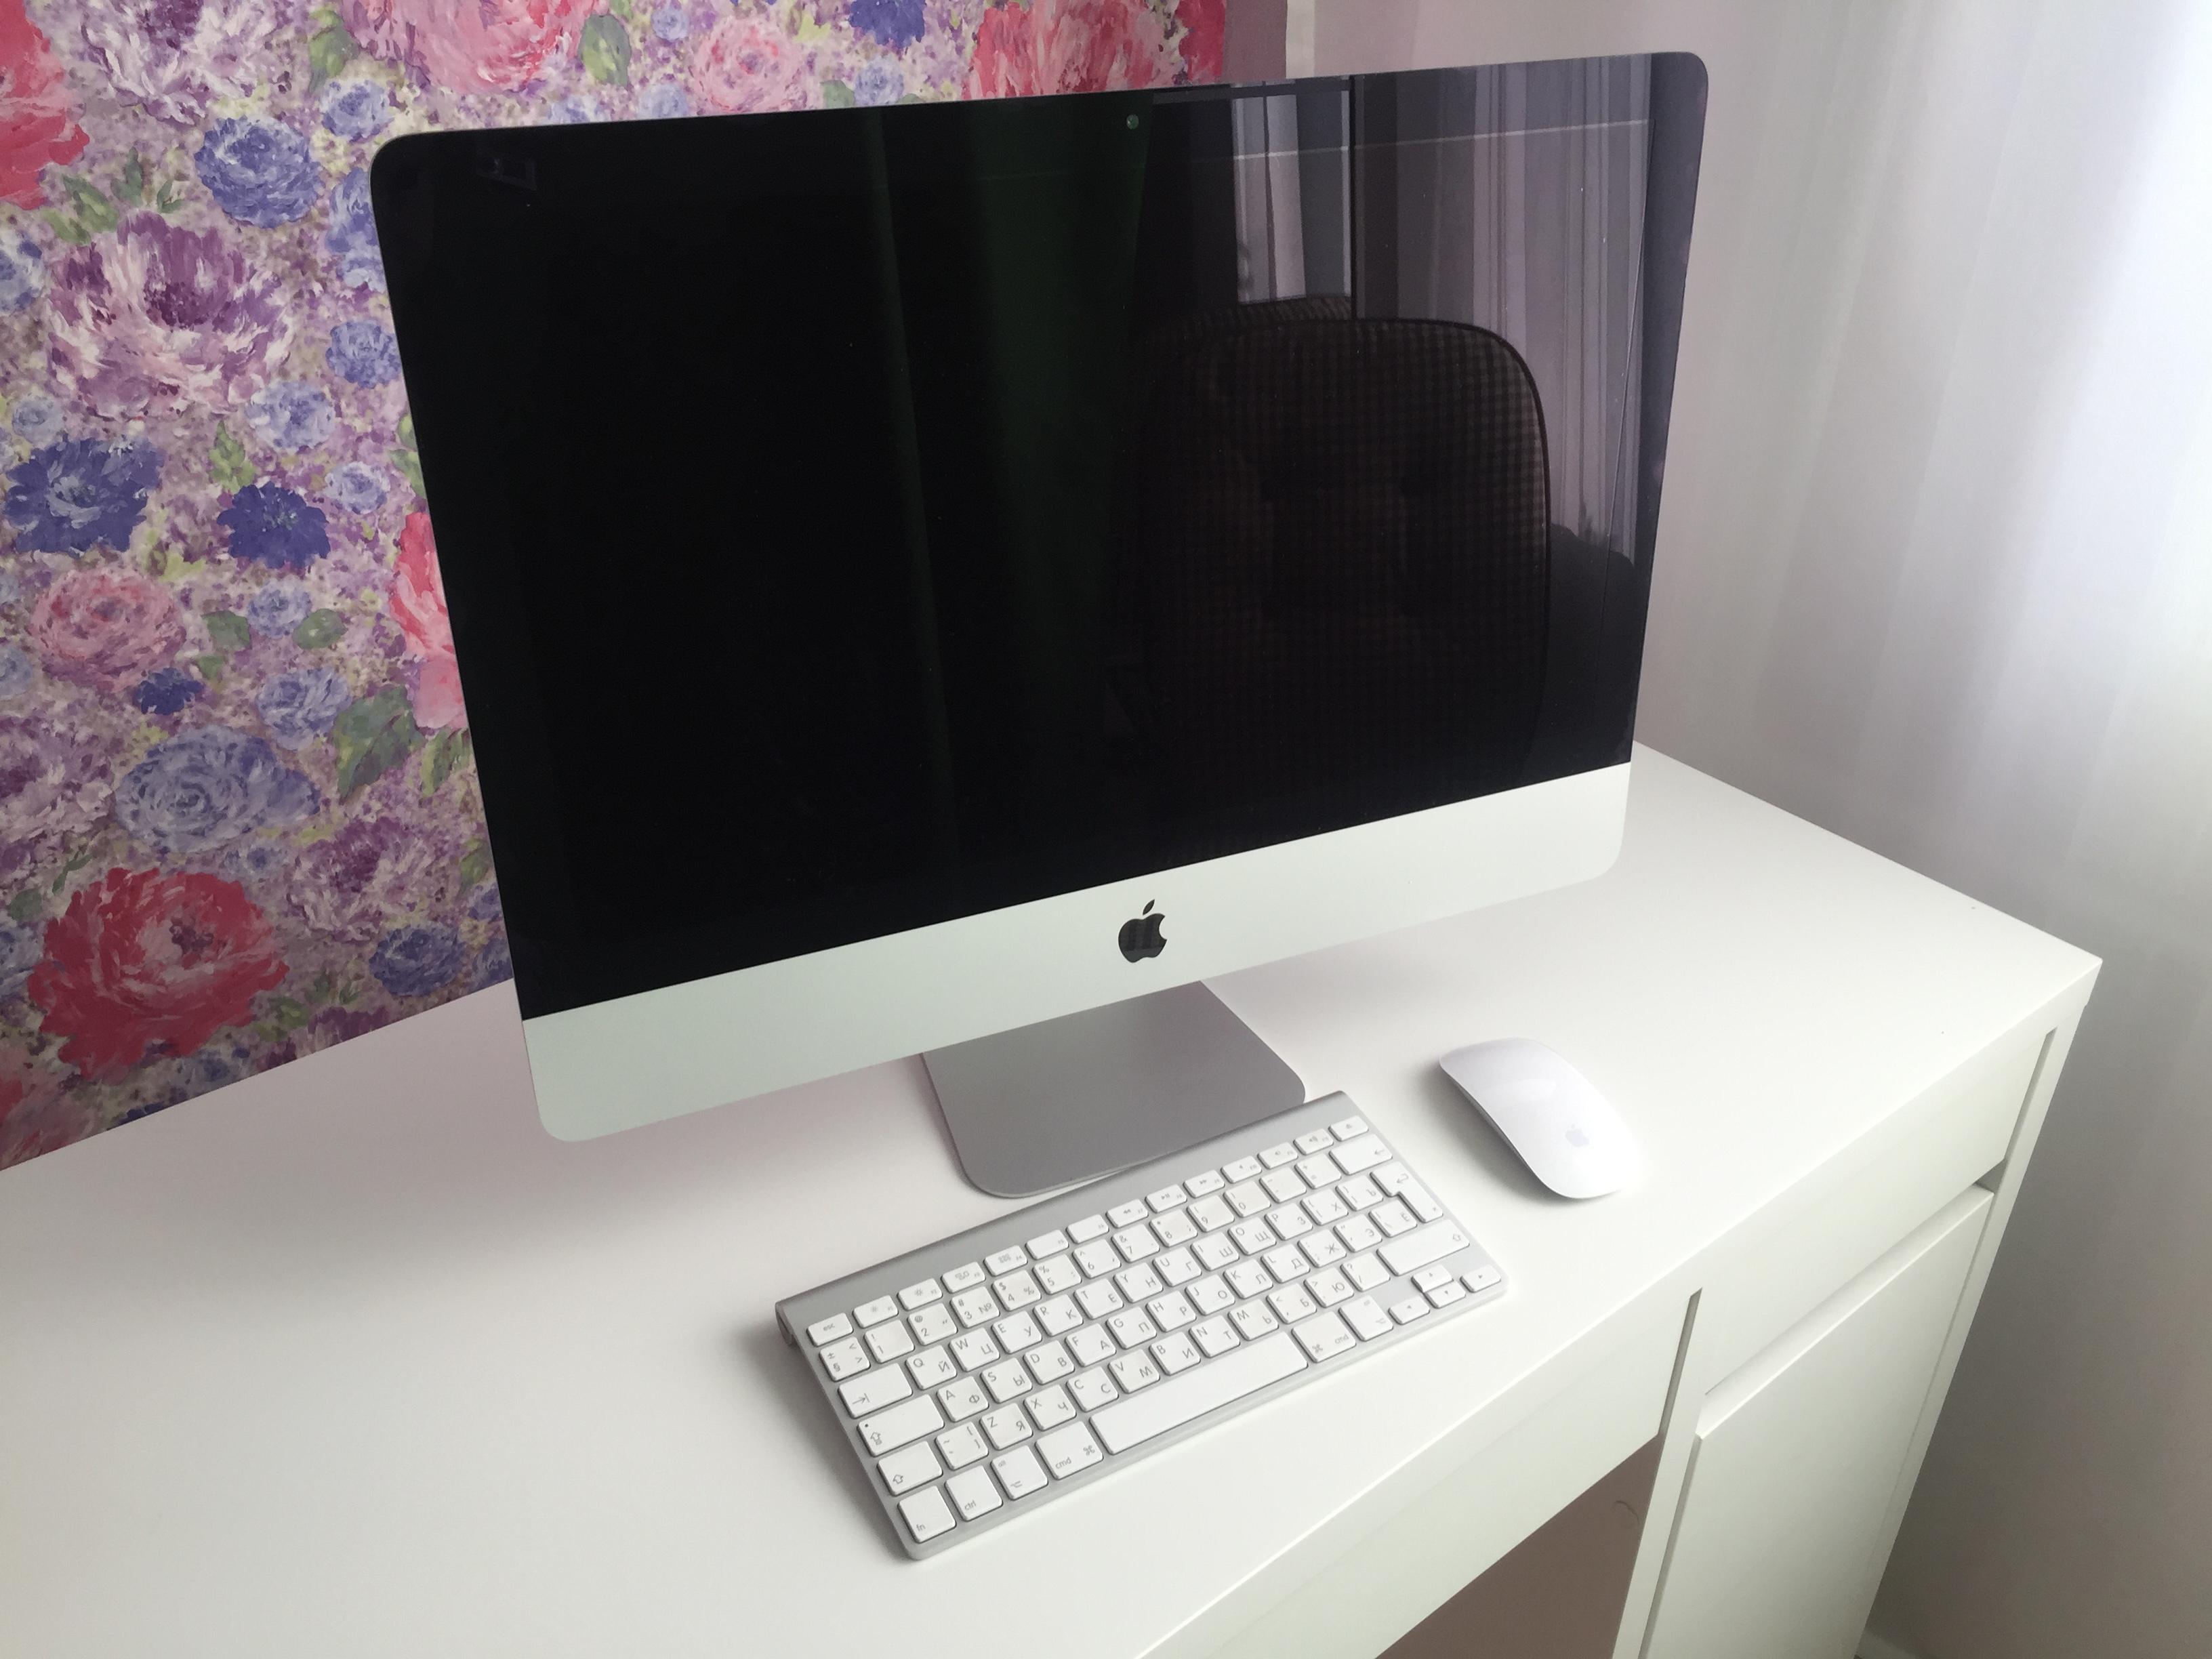 Новое видео на нашем канале: Обзор iMac 21.5 ME086RU/A (конец 2013 года)